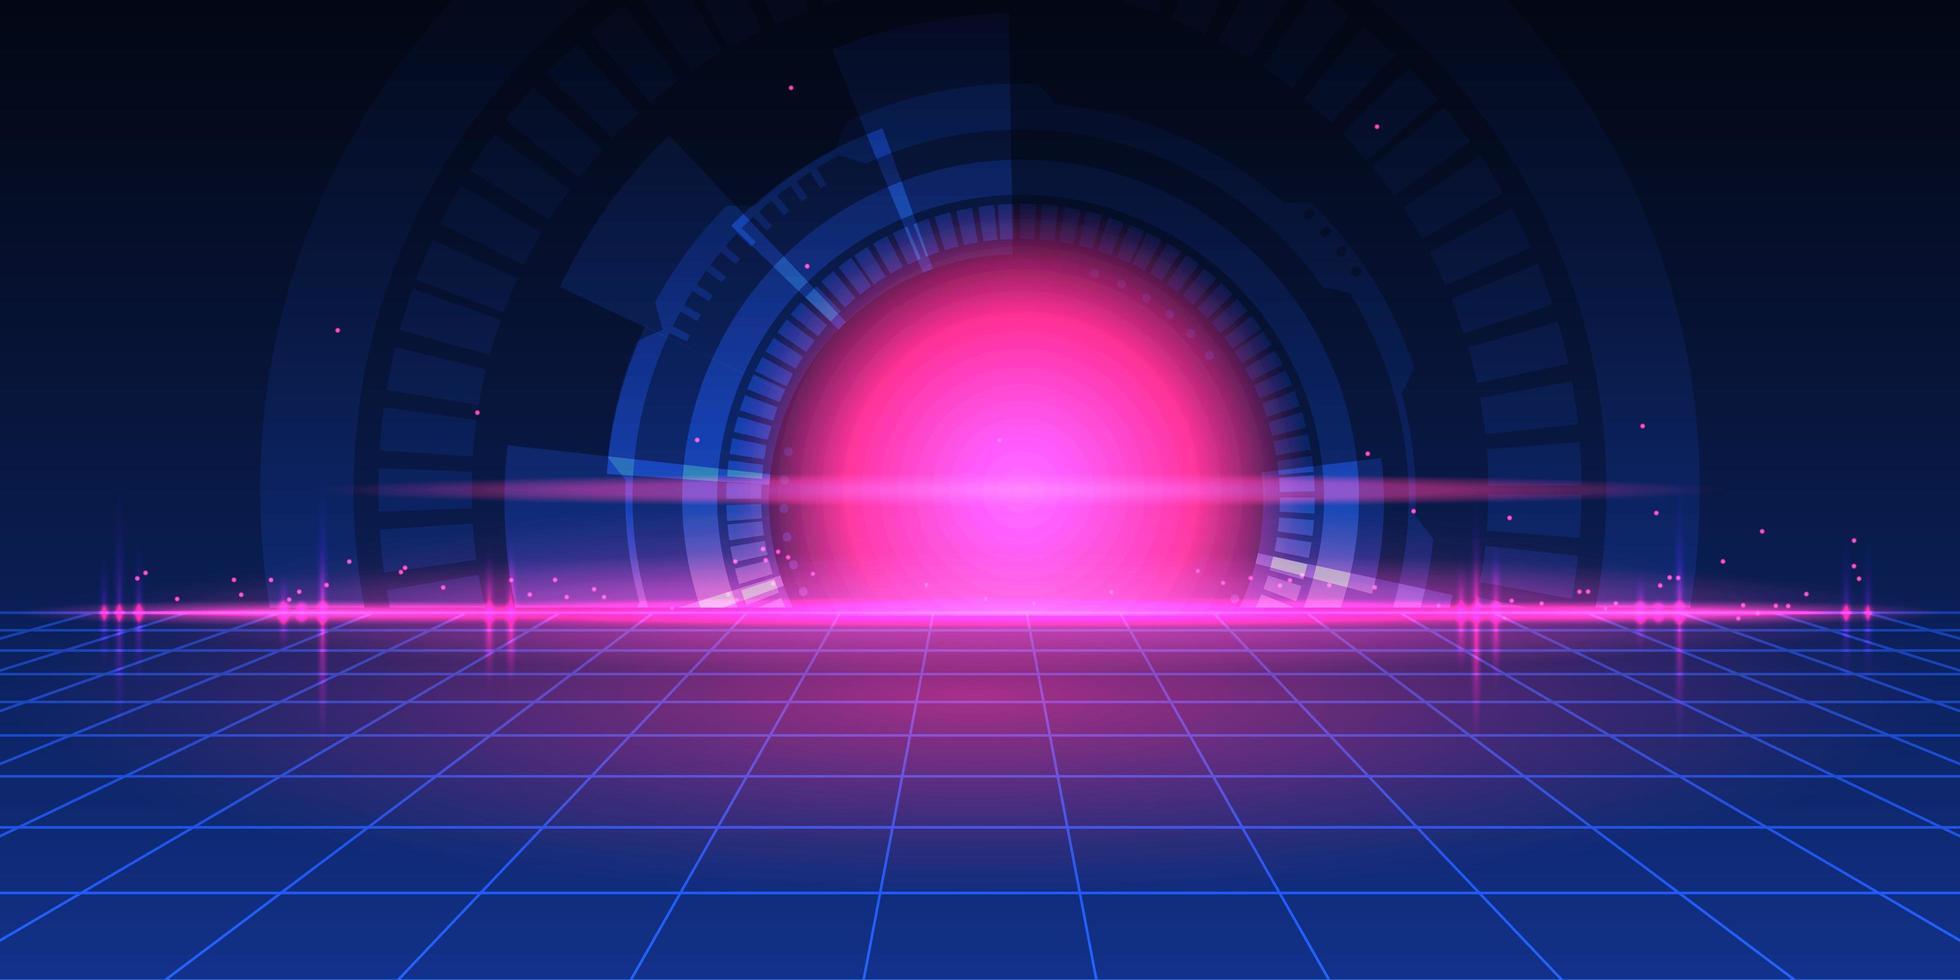 abstract futuristisch technologieontwerp met perspectiefraster vector